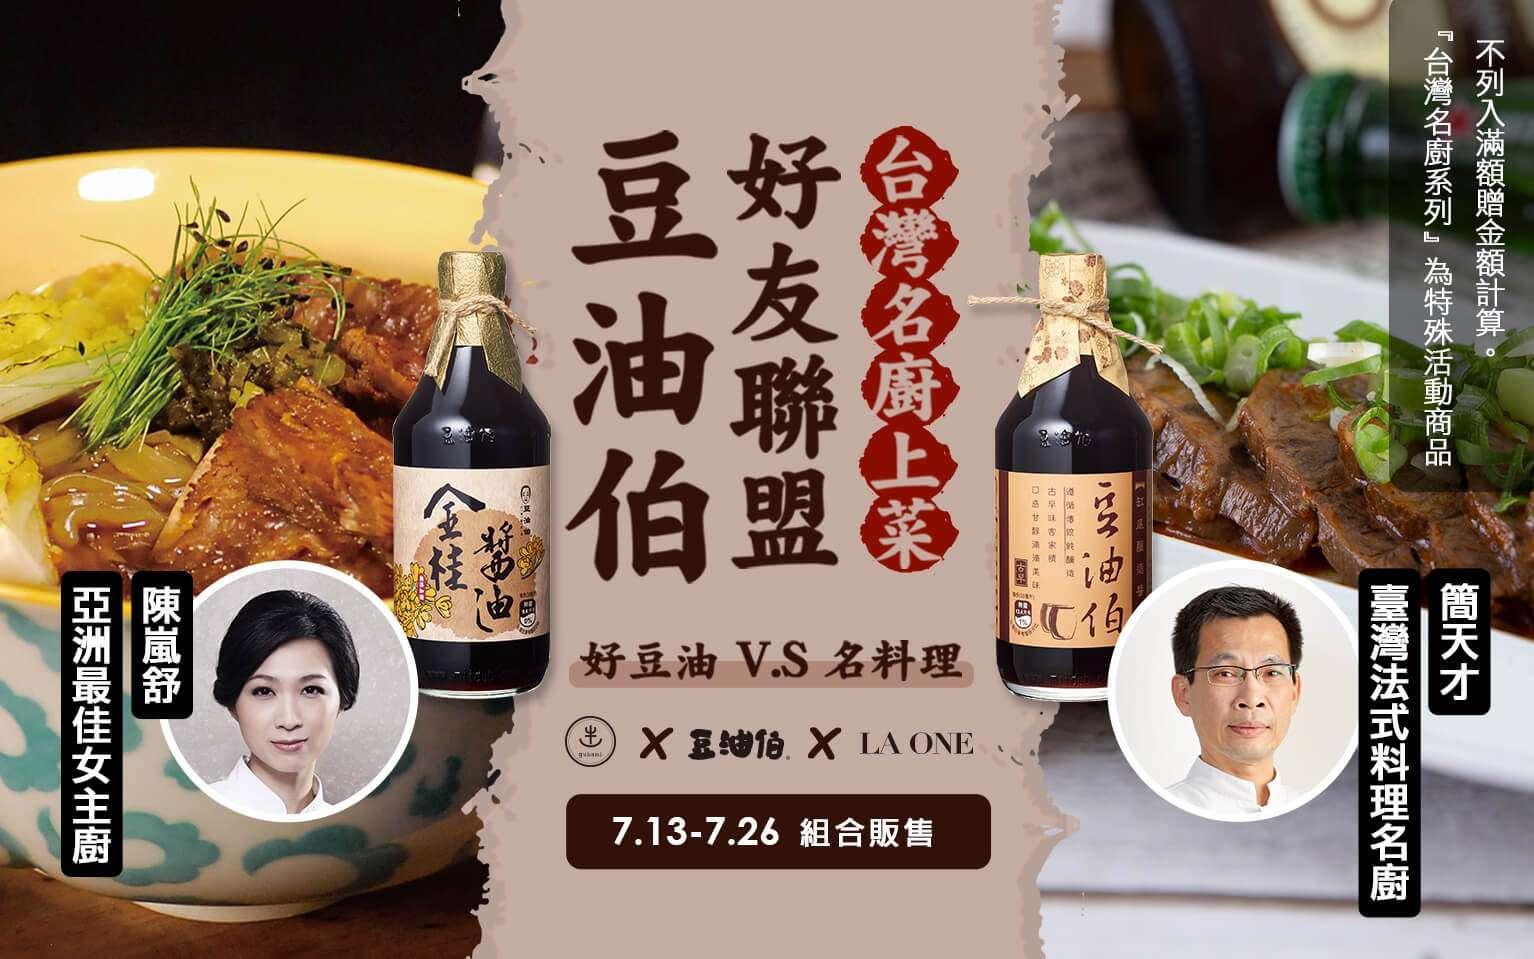 豆油伯好友聯盟-台灣名廚上菜系列 第二波  台中-gubami X高雄-LA ONE